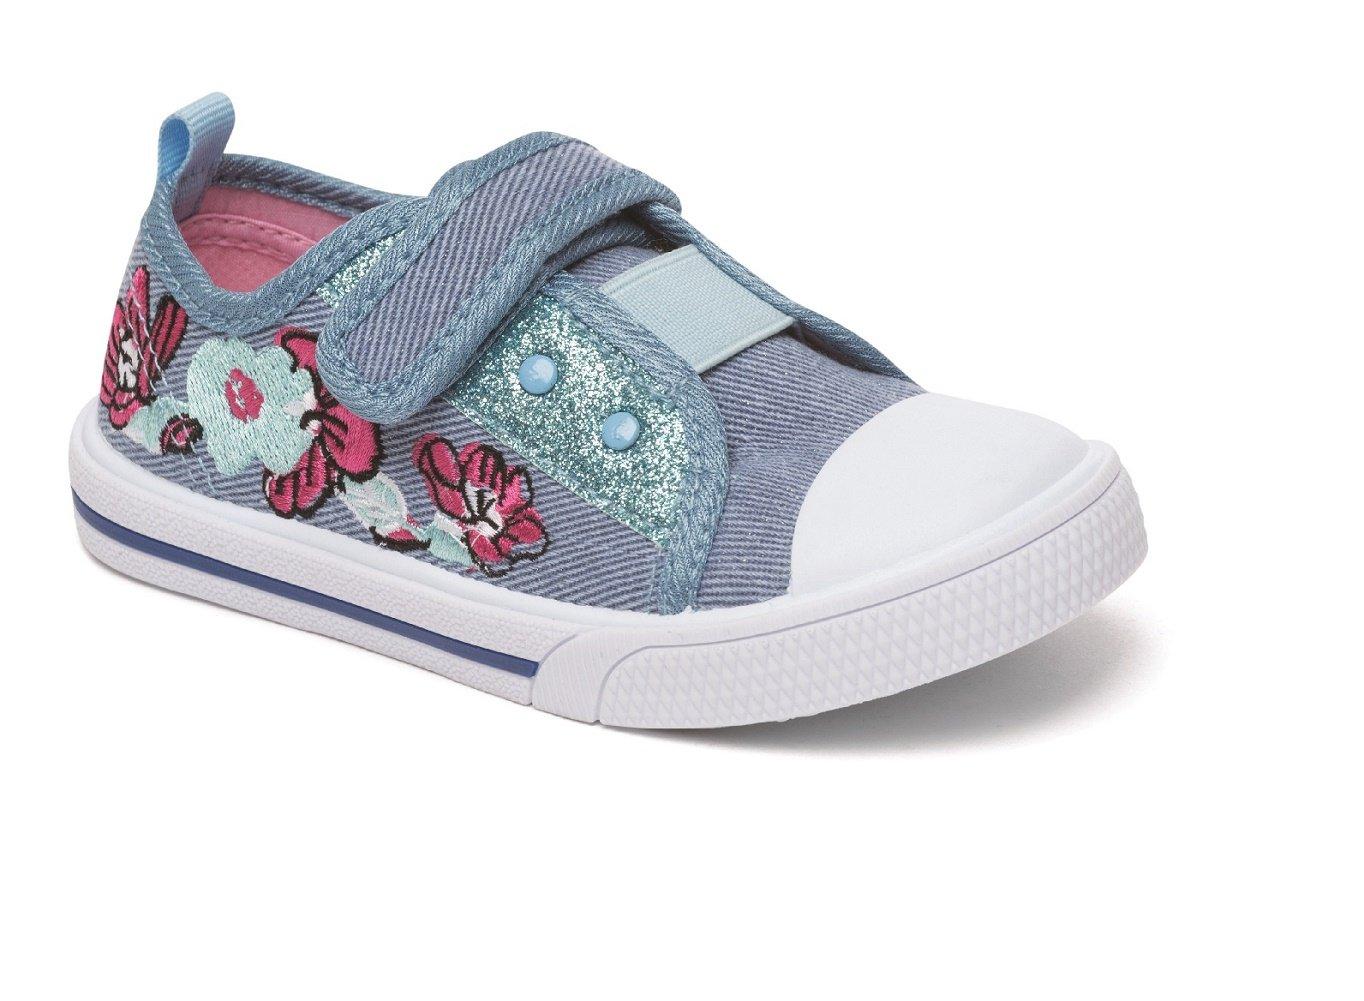 Filles Toile Chaussures D'été Des Pompes Taille Plimsole Vieux Rose Chatterbox Bleu, Bleu, Taille Enfant 37 Eu